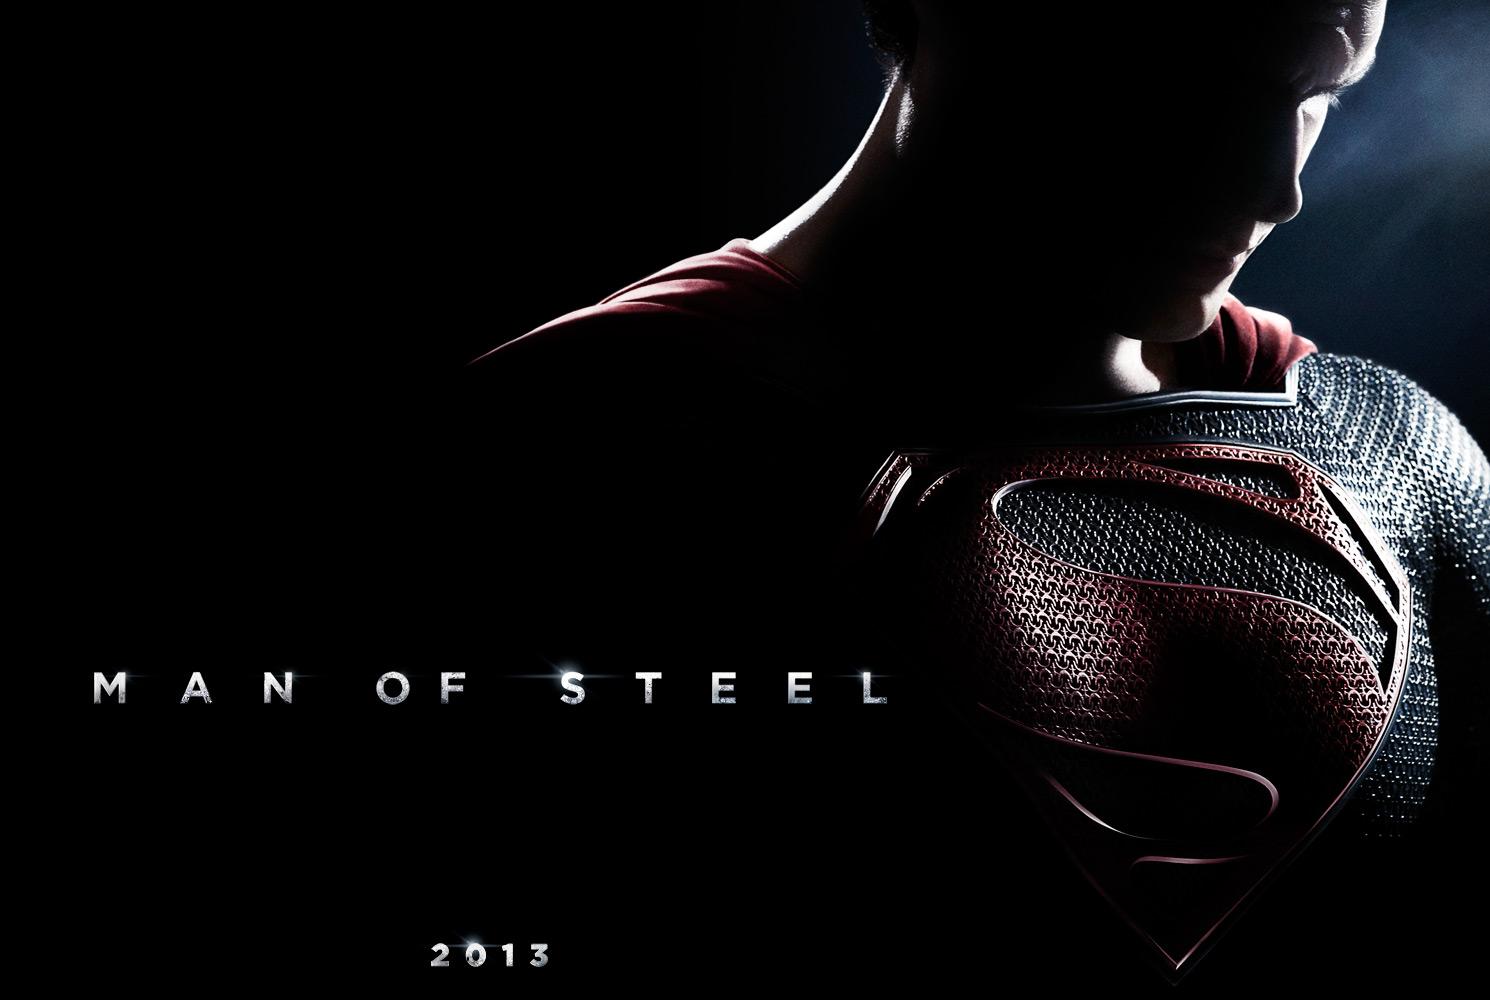 http://2.bp.blogspot.com/-kK3-PDQKS8w/UAsY2wOY20I/AAAAAAAABOU/HwqcQAuUEQE/s1600/Man+Of+Steel+Superman+Wallpaper.jpg